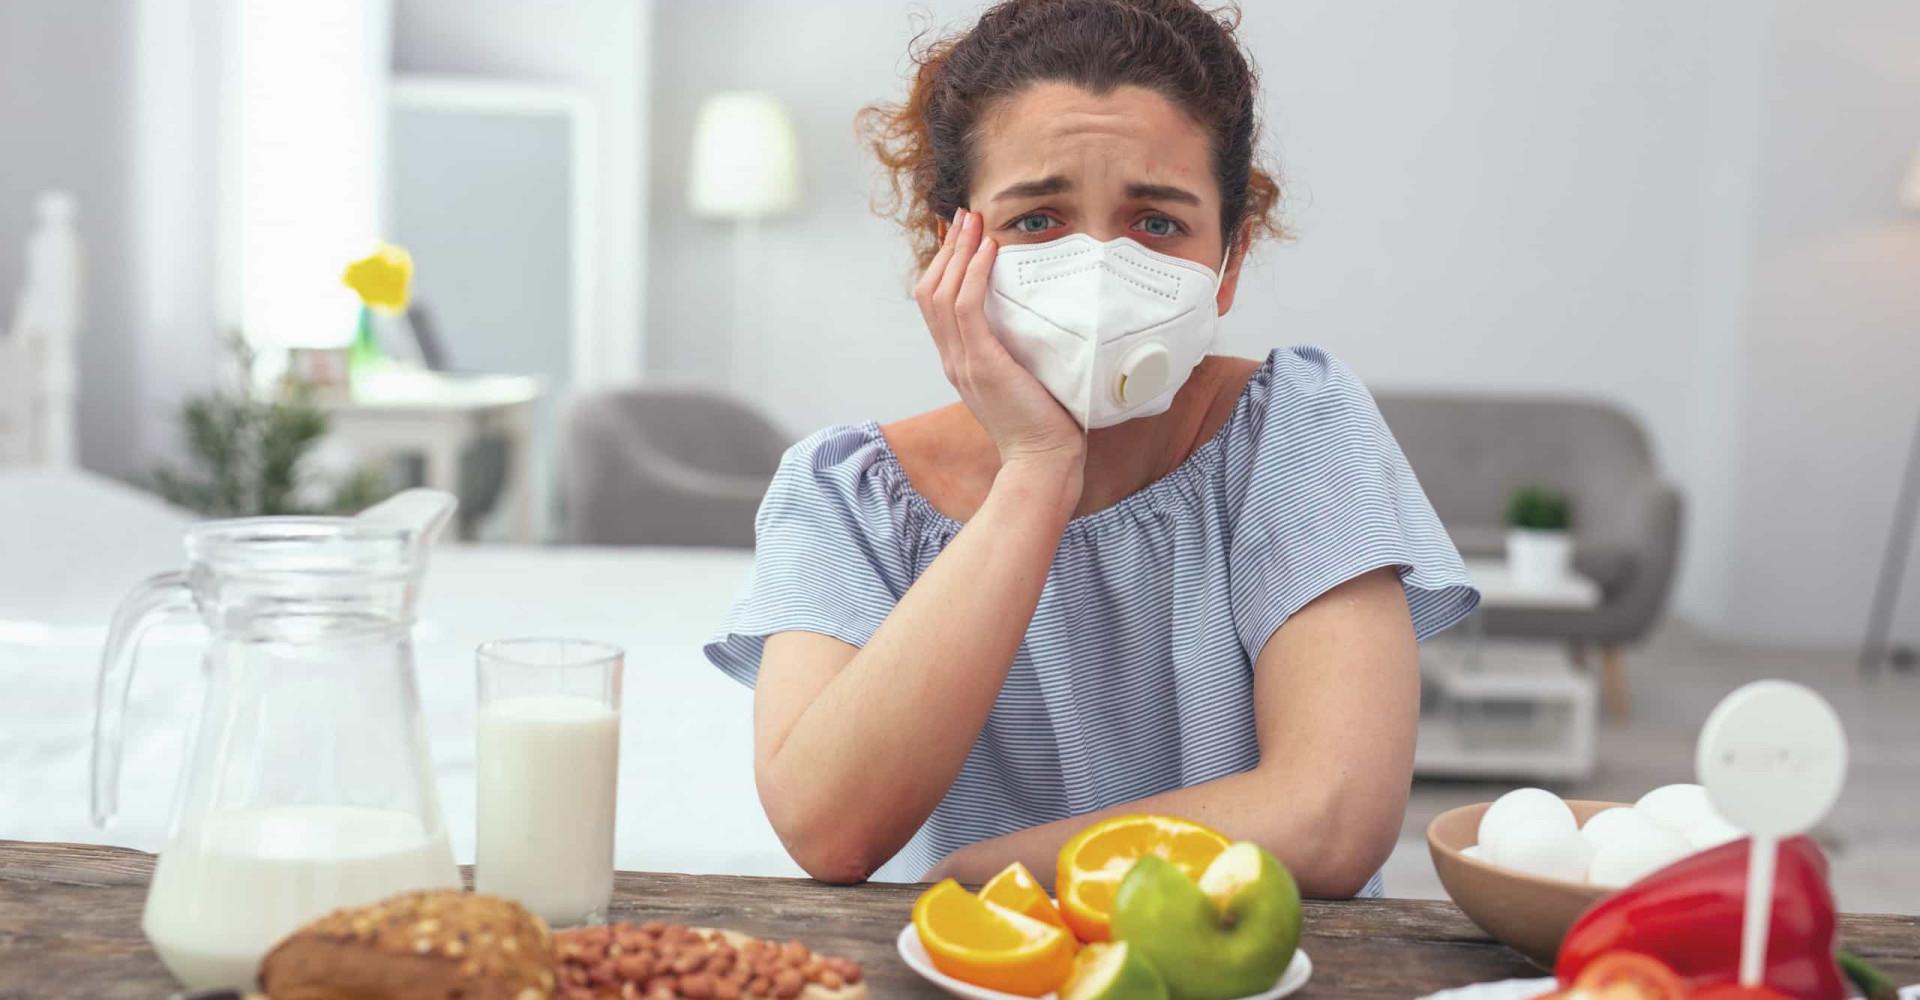 Allergie oder Intoleranz: Kennen Sie die Unterschiede?